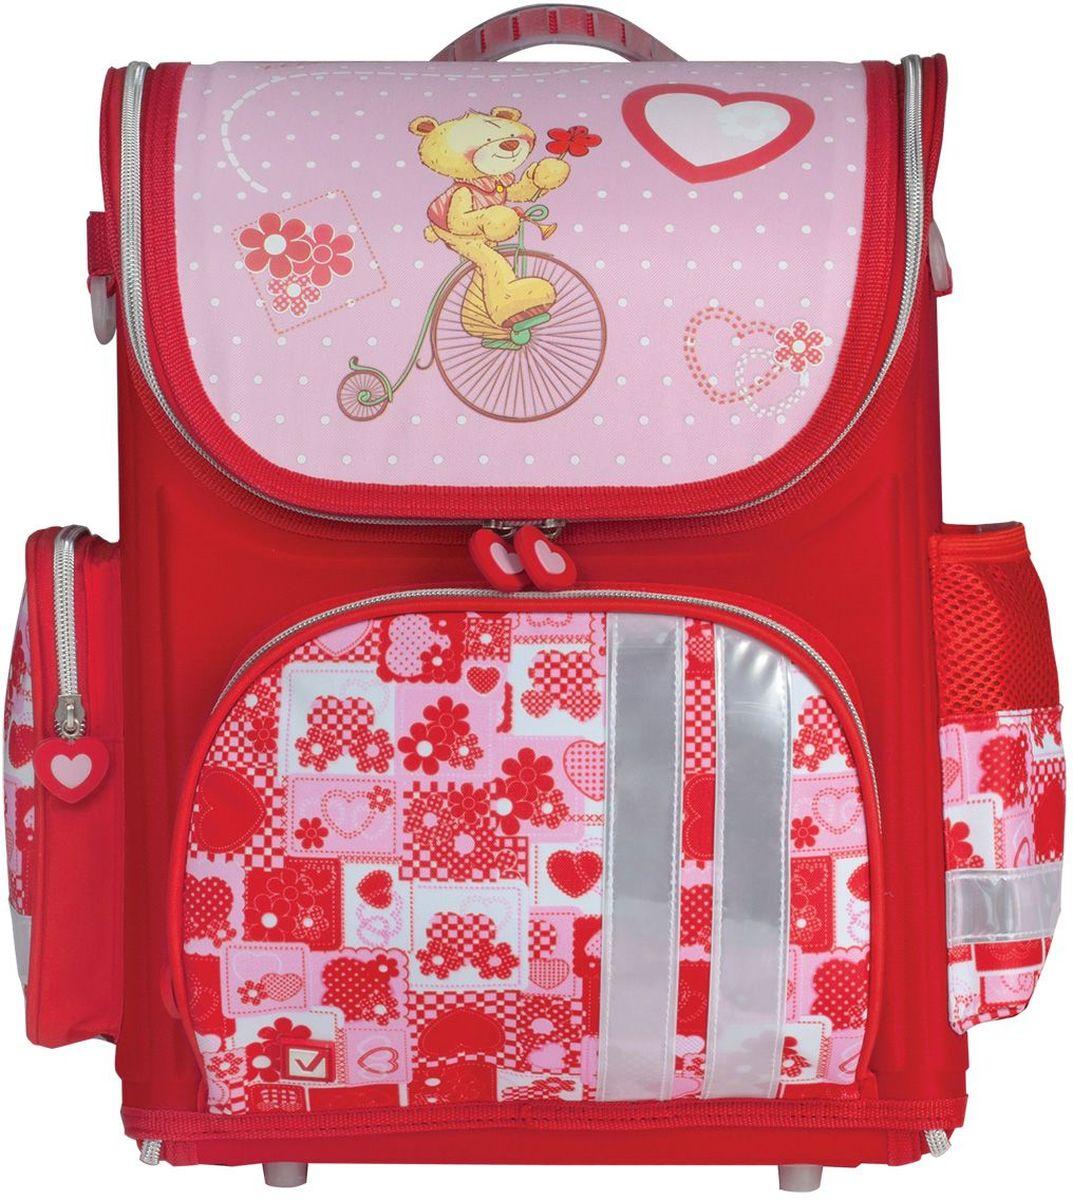 Brauberg Ранец школьный Мишка226326Ранец Мишка предназначен для девочек 7-10 лет. Он выполнен в красно-розовом цвете и дополнен необычным принтом на карманах. Благодаря такой яркой расцветке, с ранцами этой серии ребенок всегда будет выглядеть нарядно и опрятно.•1 отделение, 3 кармана. •Полностью раскладывается на 180°. •Формоустойчивая спинка из EVA. •Светоотражающие элементы. •Широкие регулируемые лямки. •Пластиковые ножки. •Расписание уроков. •Размер: 37х29х17 см. •Объем: 20 л. •Вес ранца - 0,87 кг.